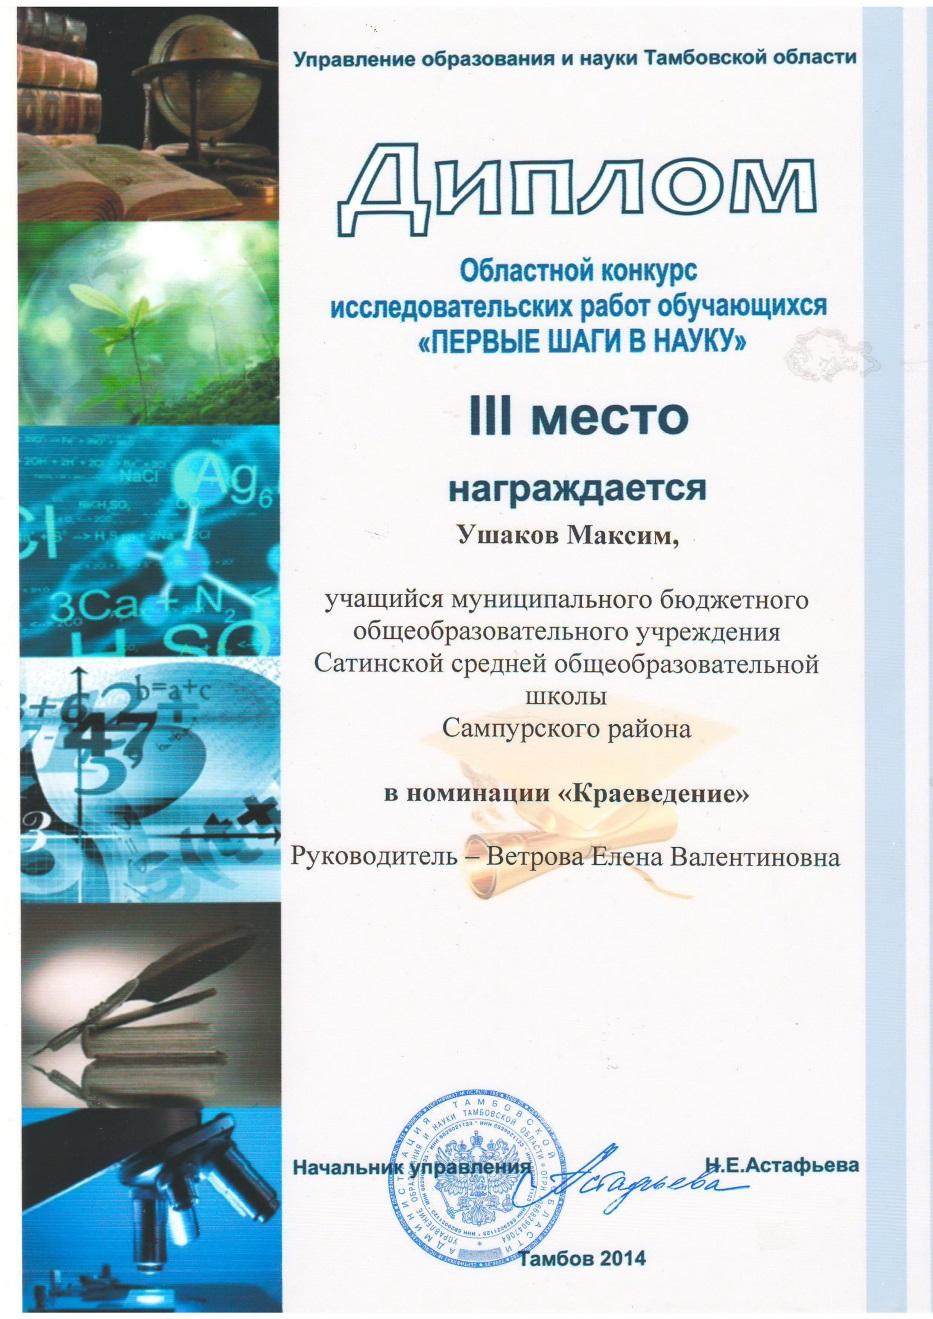 Областной конкурс первые шаги в науку